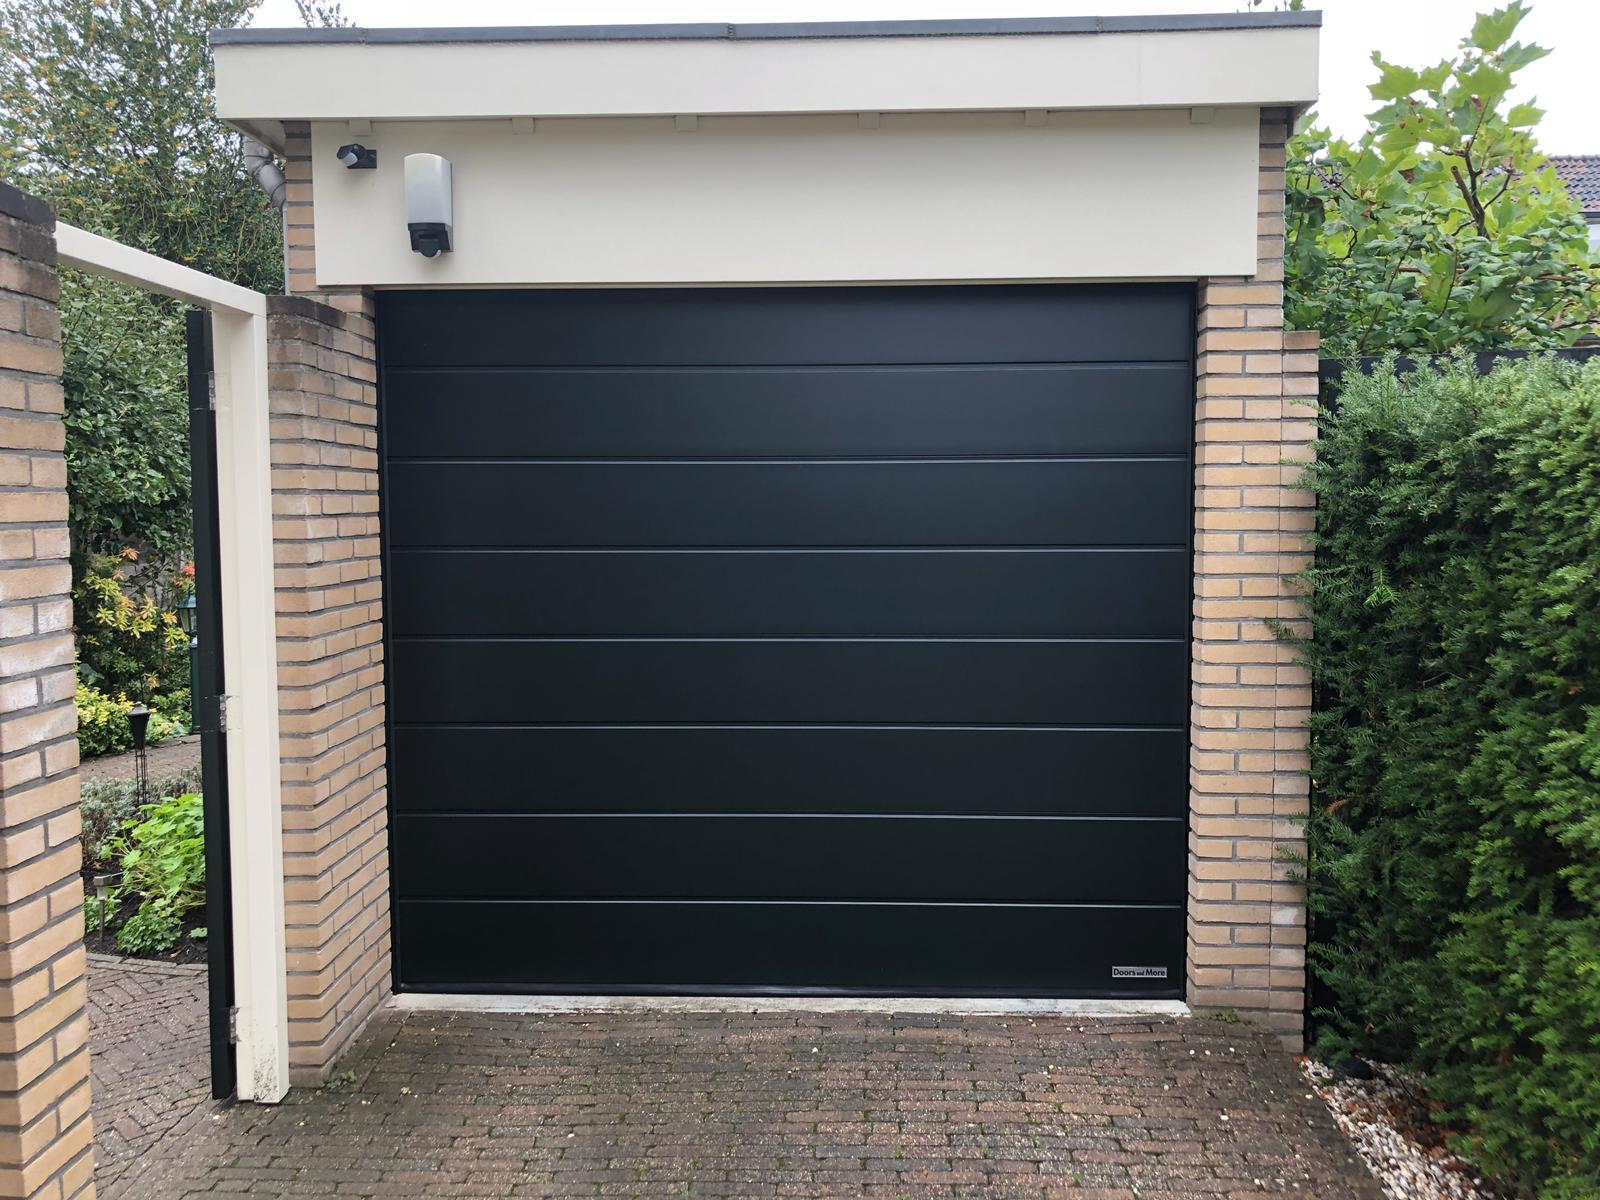 Hormann Elektrische Garagedeur 949 Doors And More In Eemnes